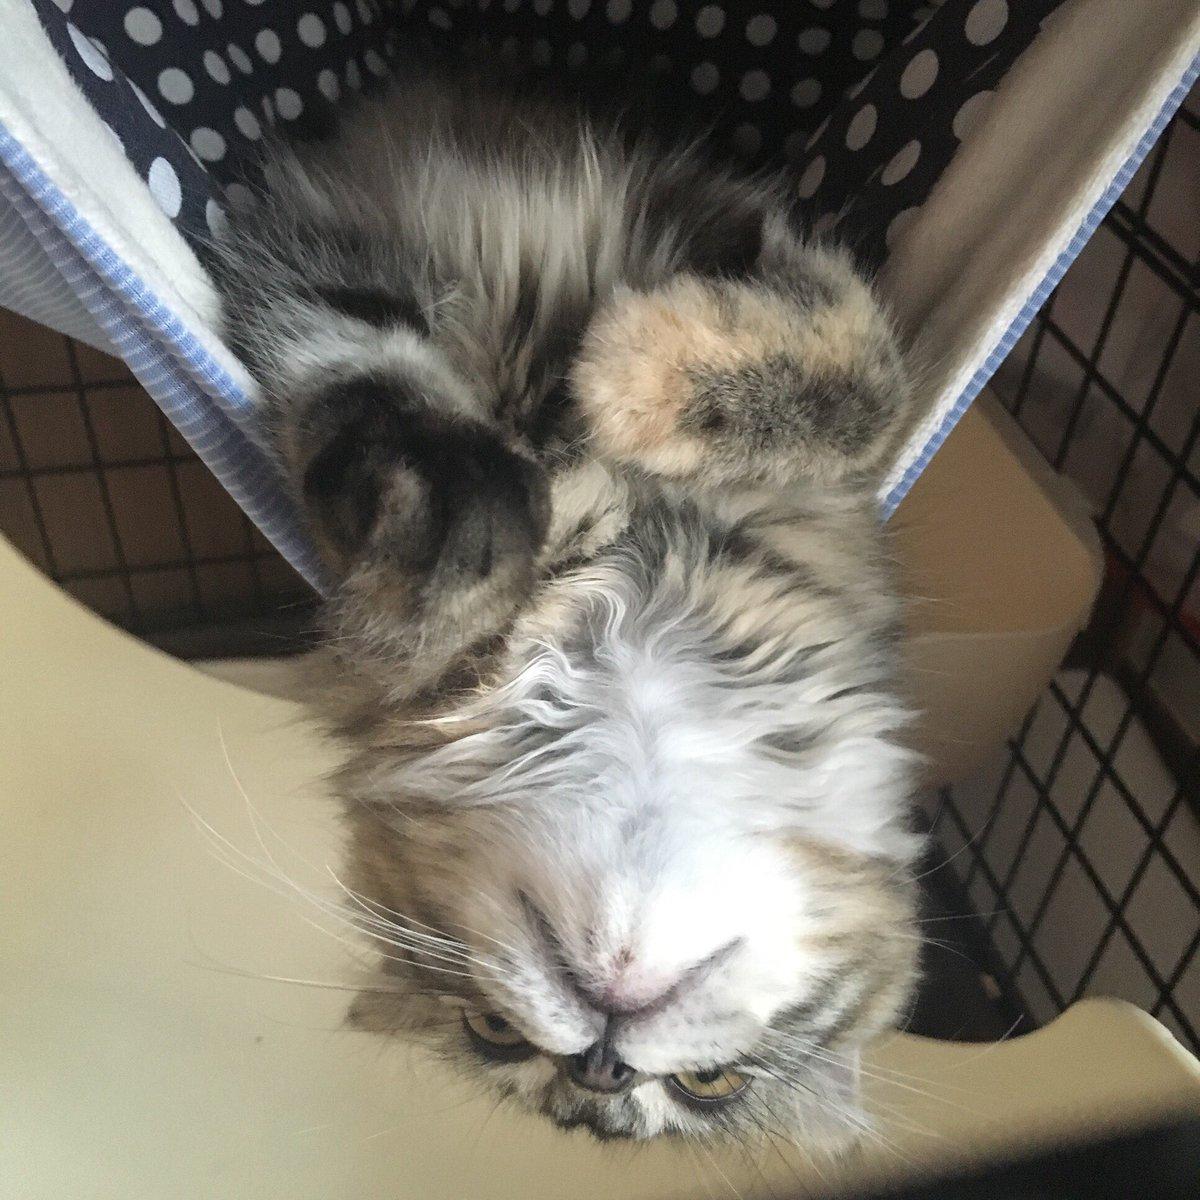 ジバニャン…#猫好きさんと繋がりたい #猫部 #スコティッシュフォールド #猫 #妖怪ウォッチ #ジバニャン